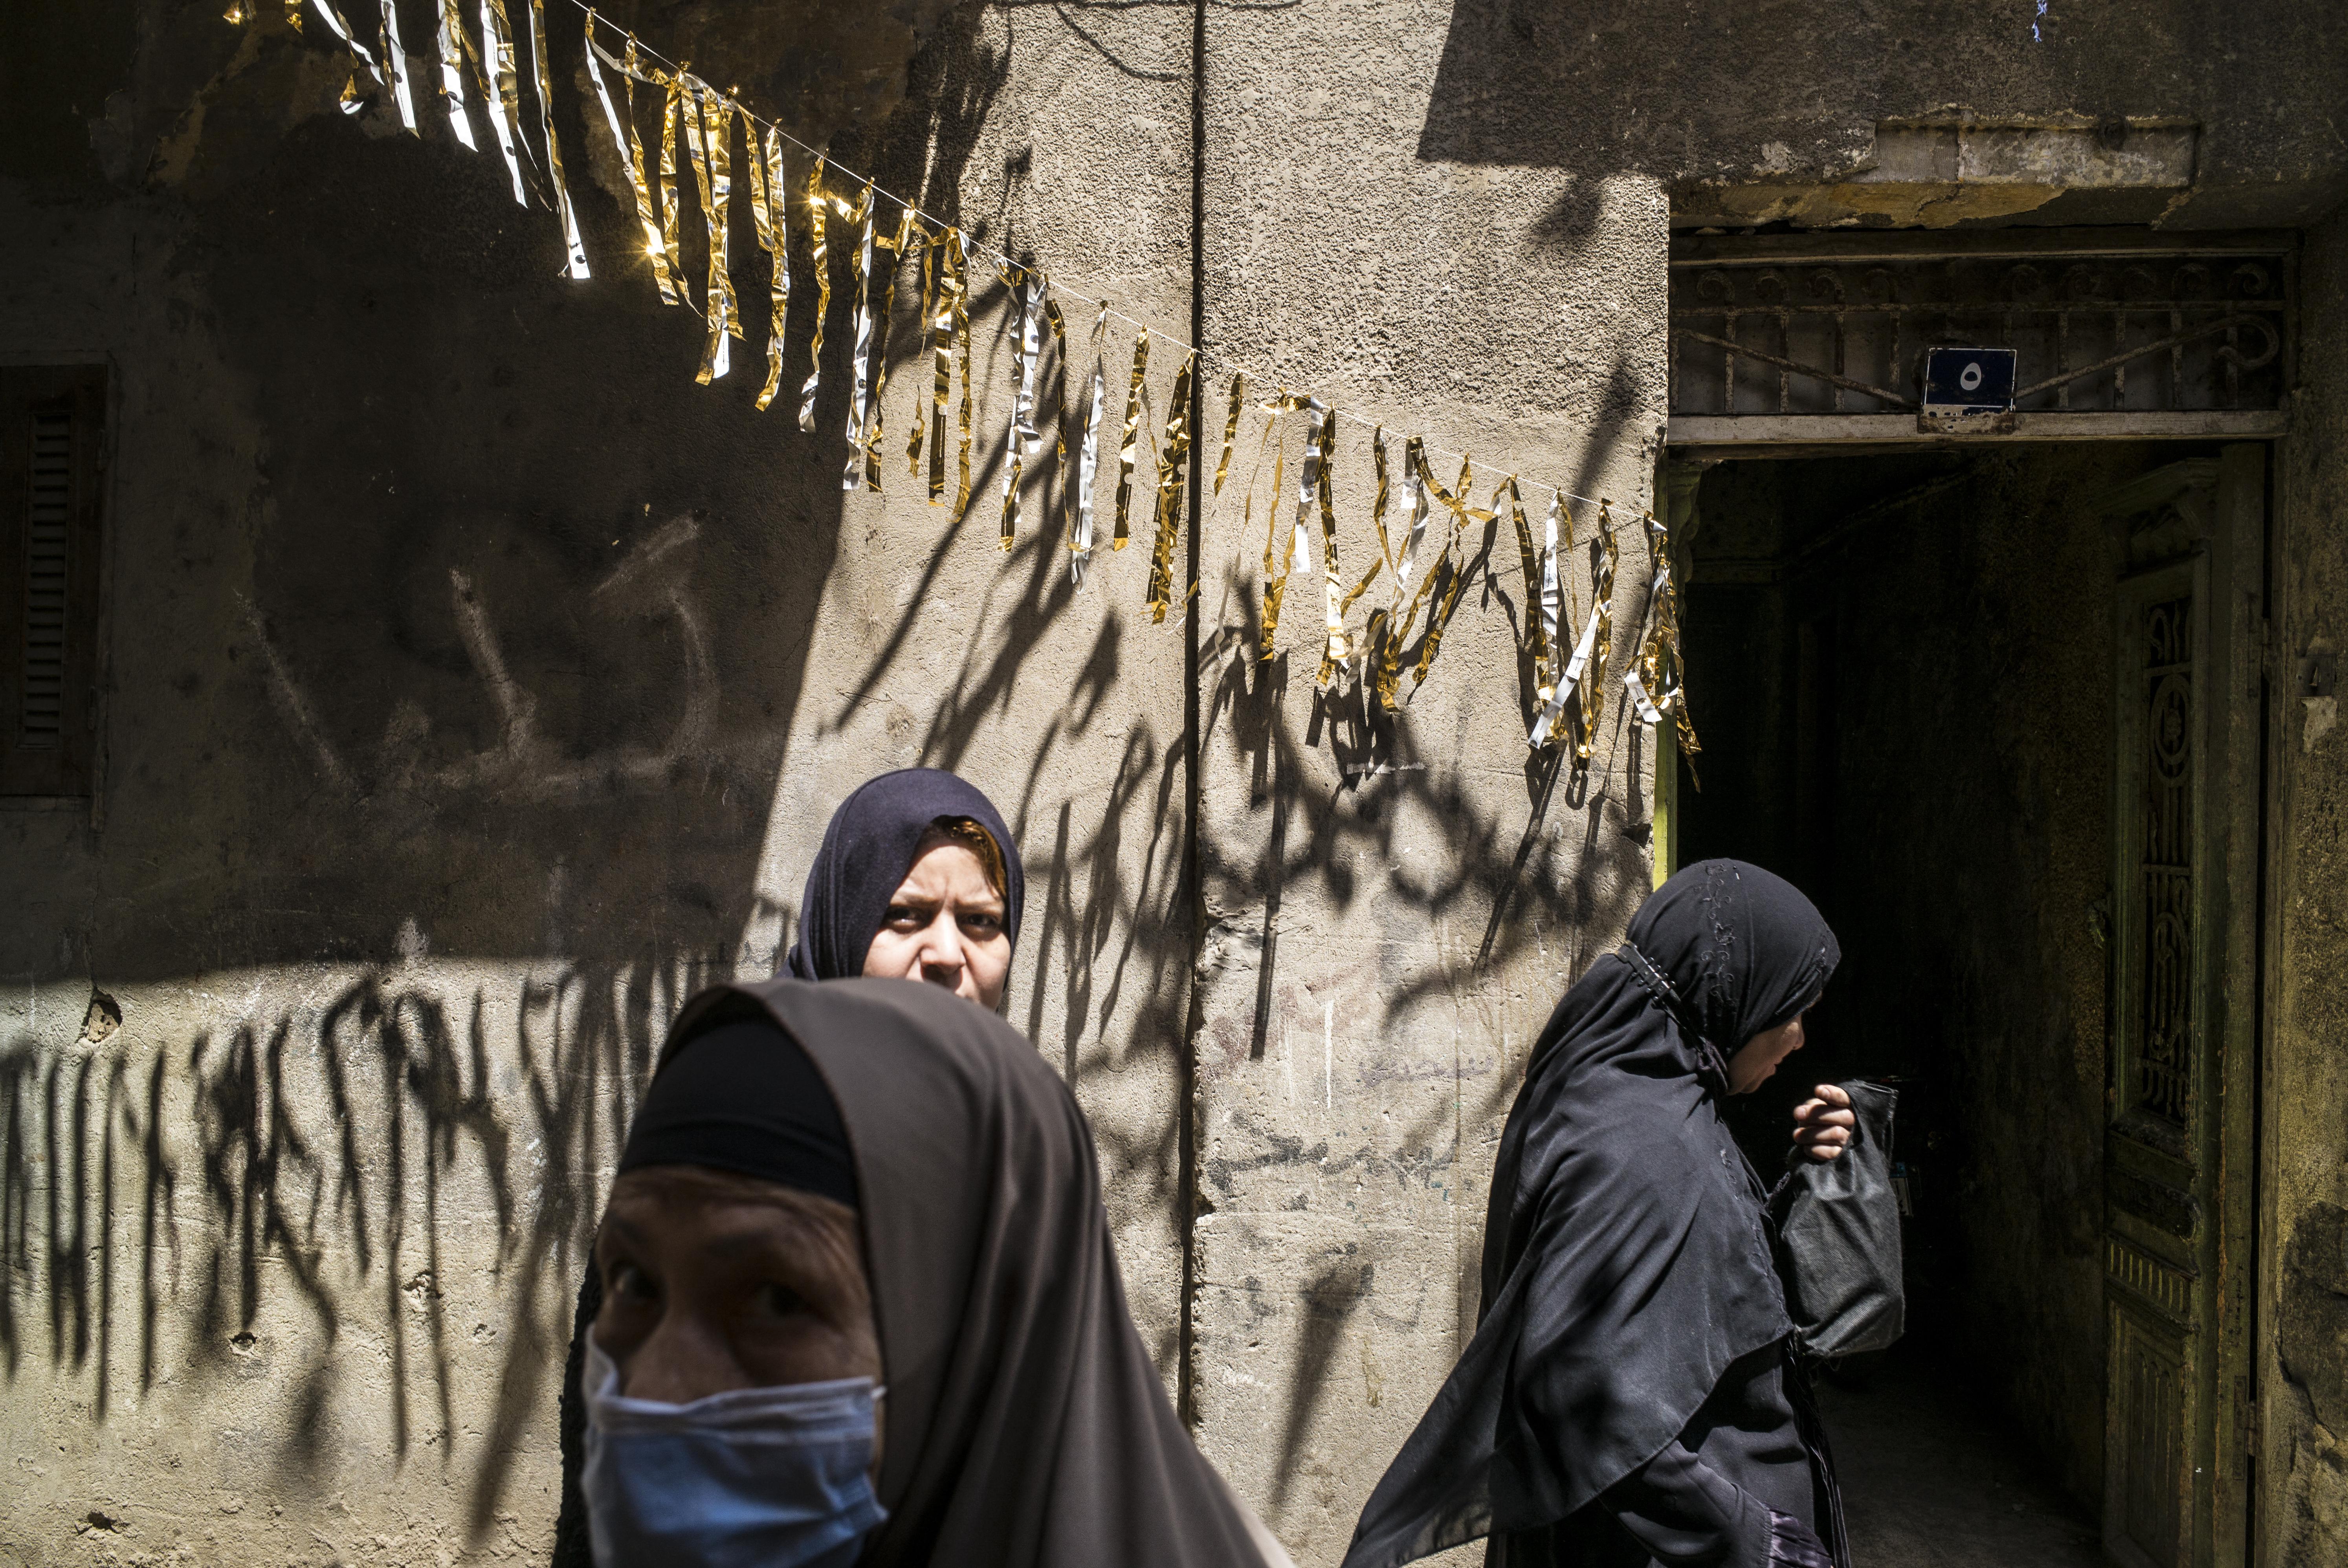 Egyiptom szigorította a női nemi szervek csonkításáért járó büntetést